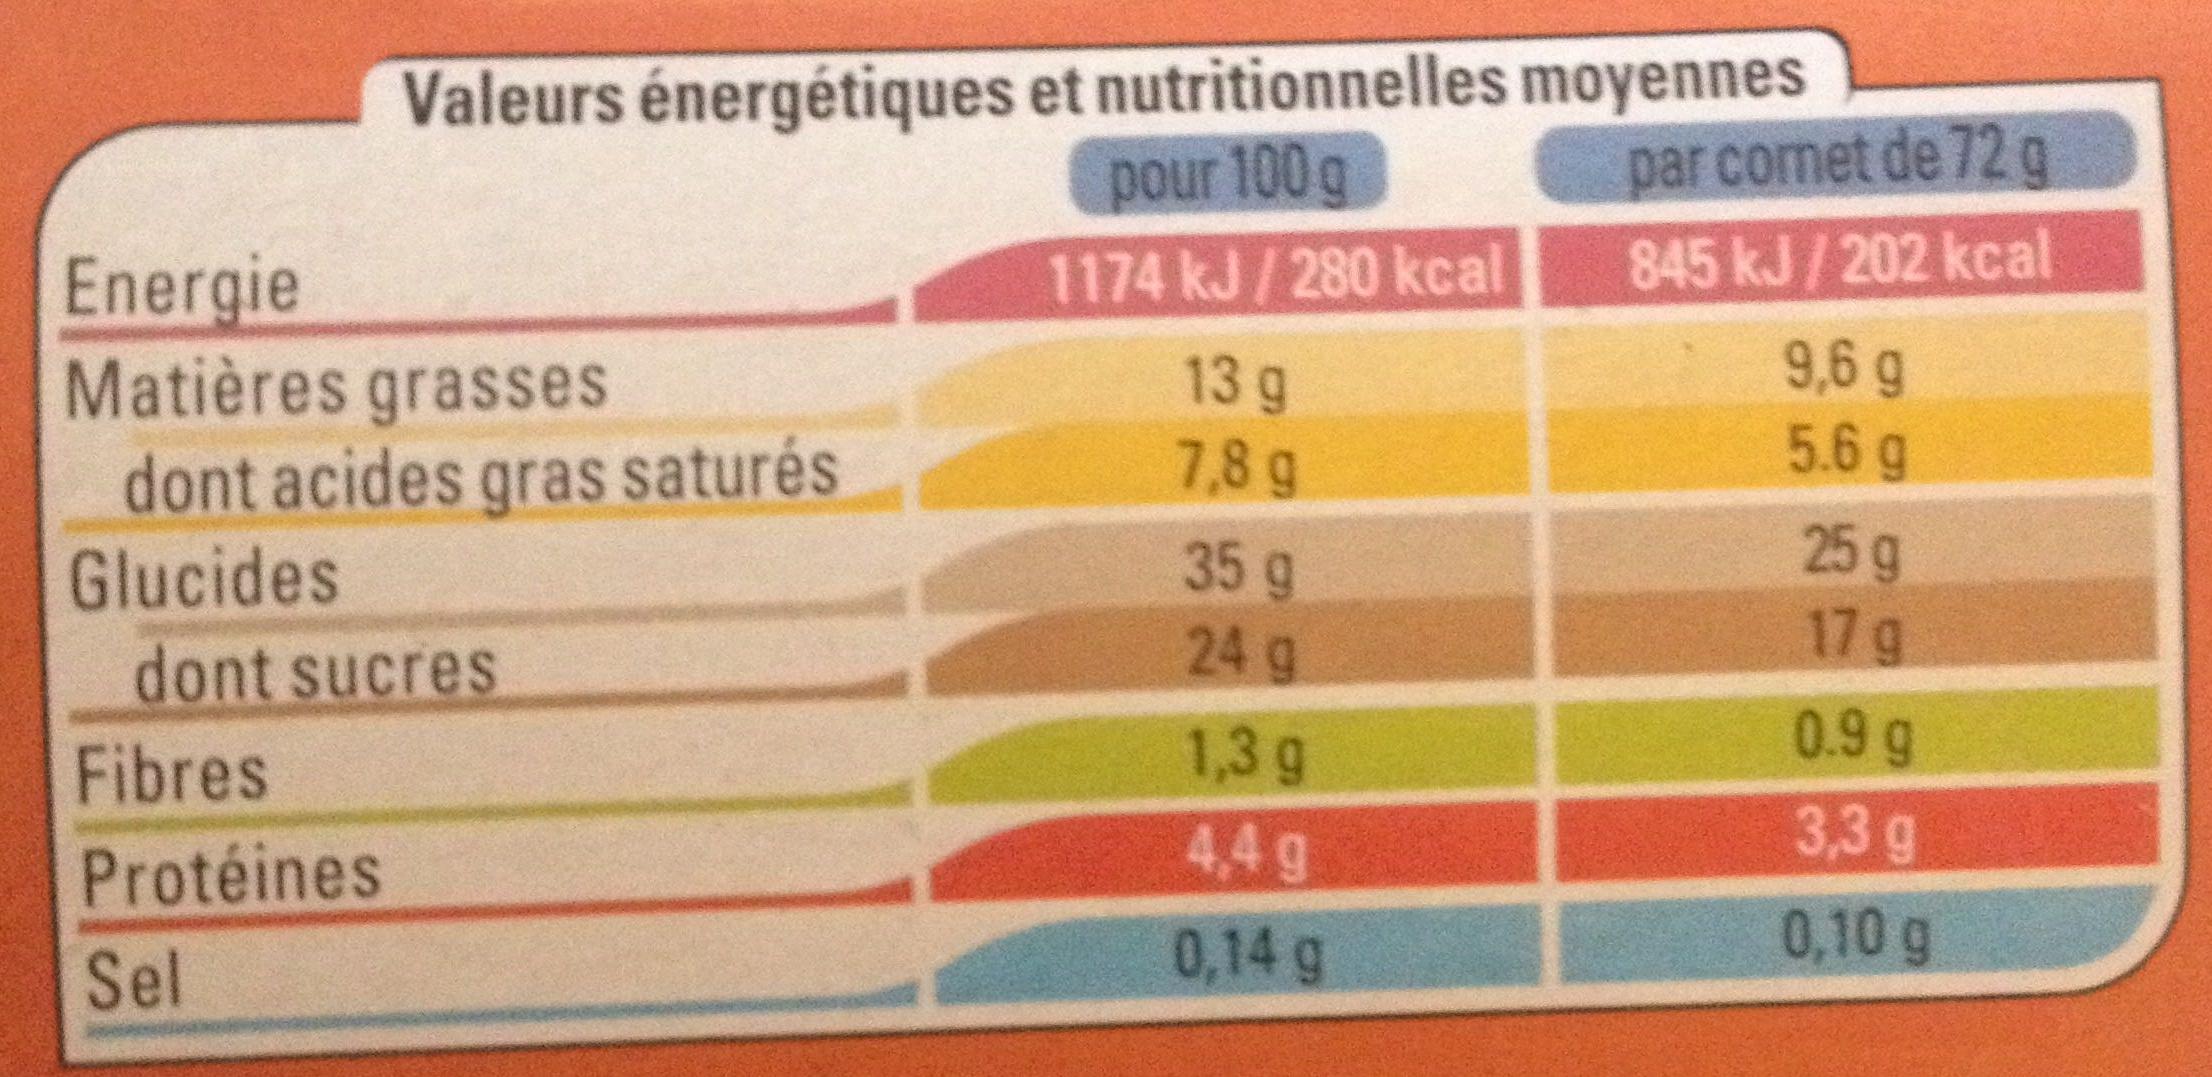 6 cornets praliné noisette - Informations nutritionnelles